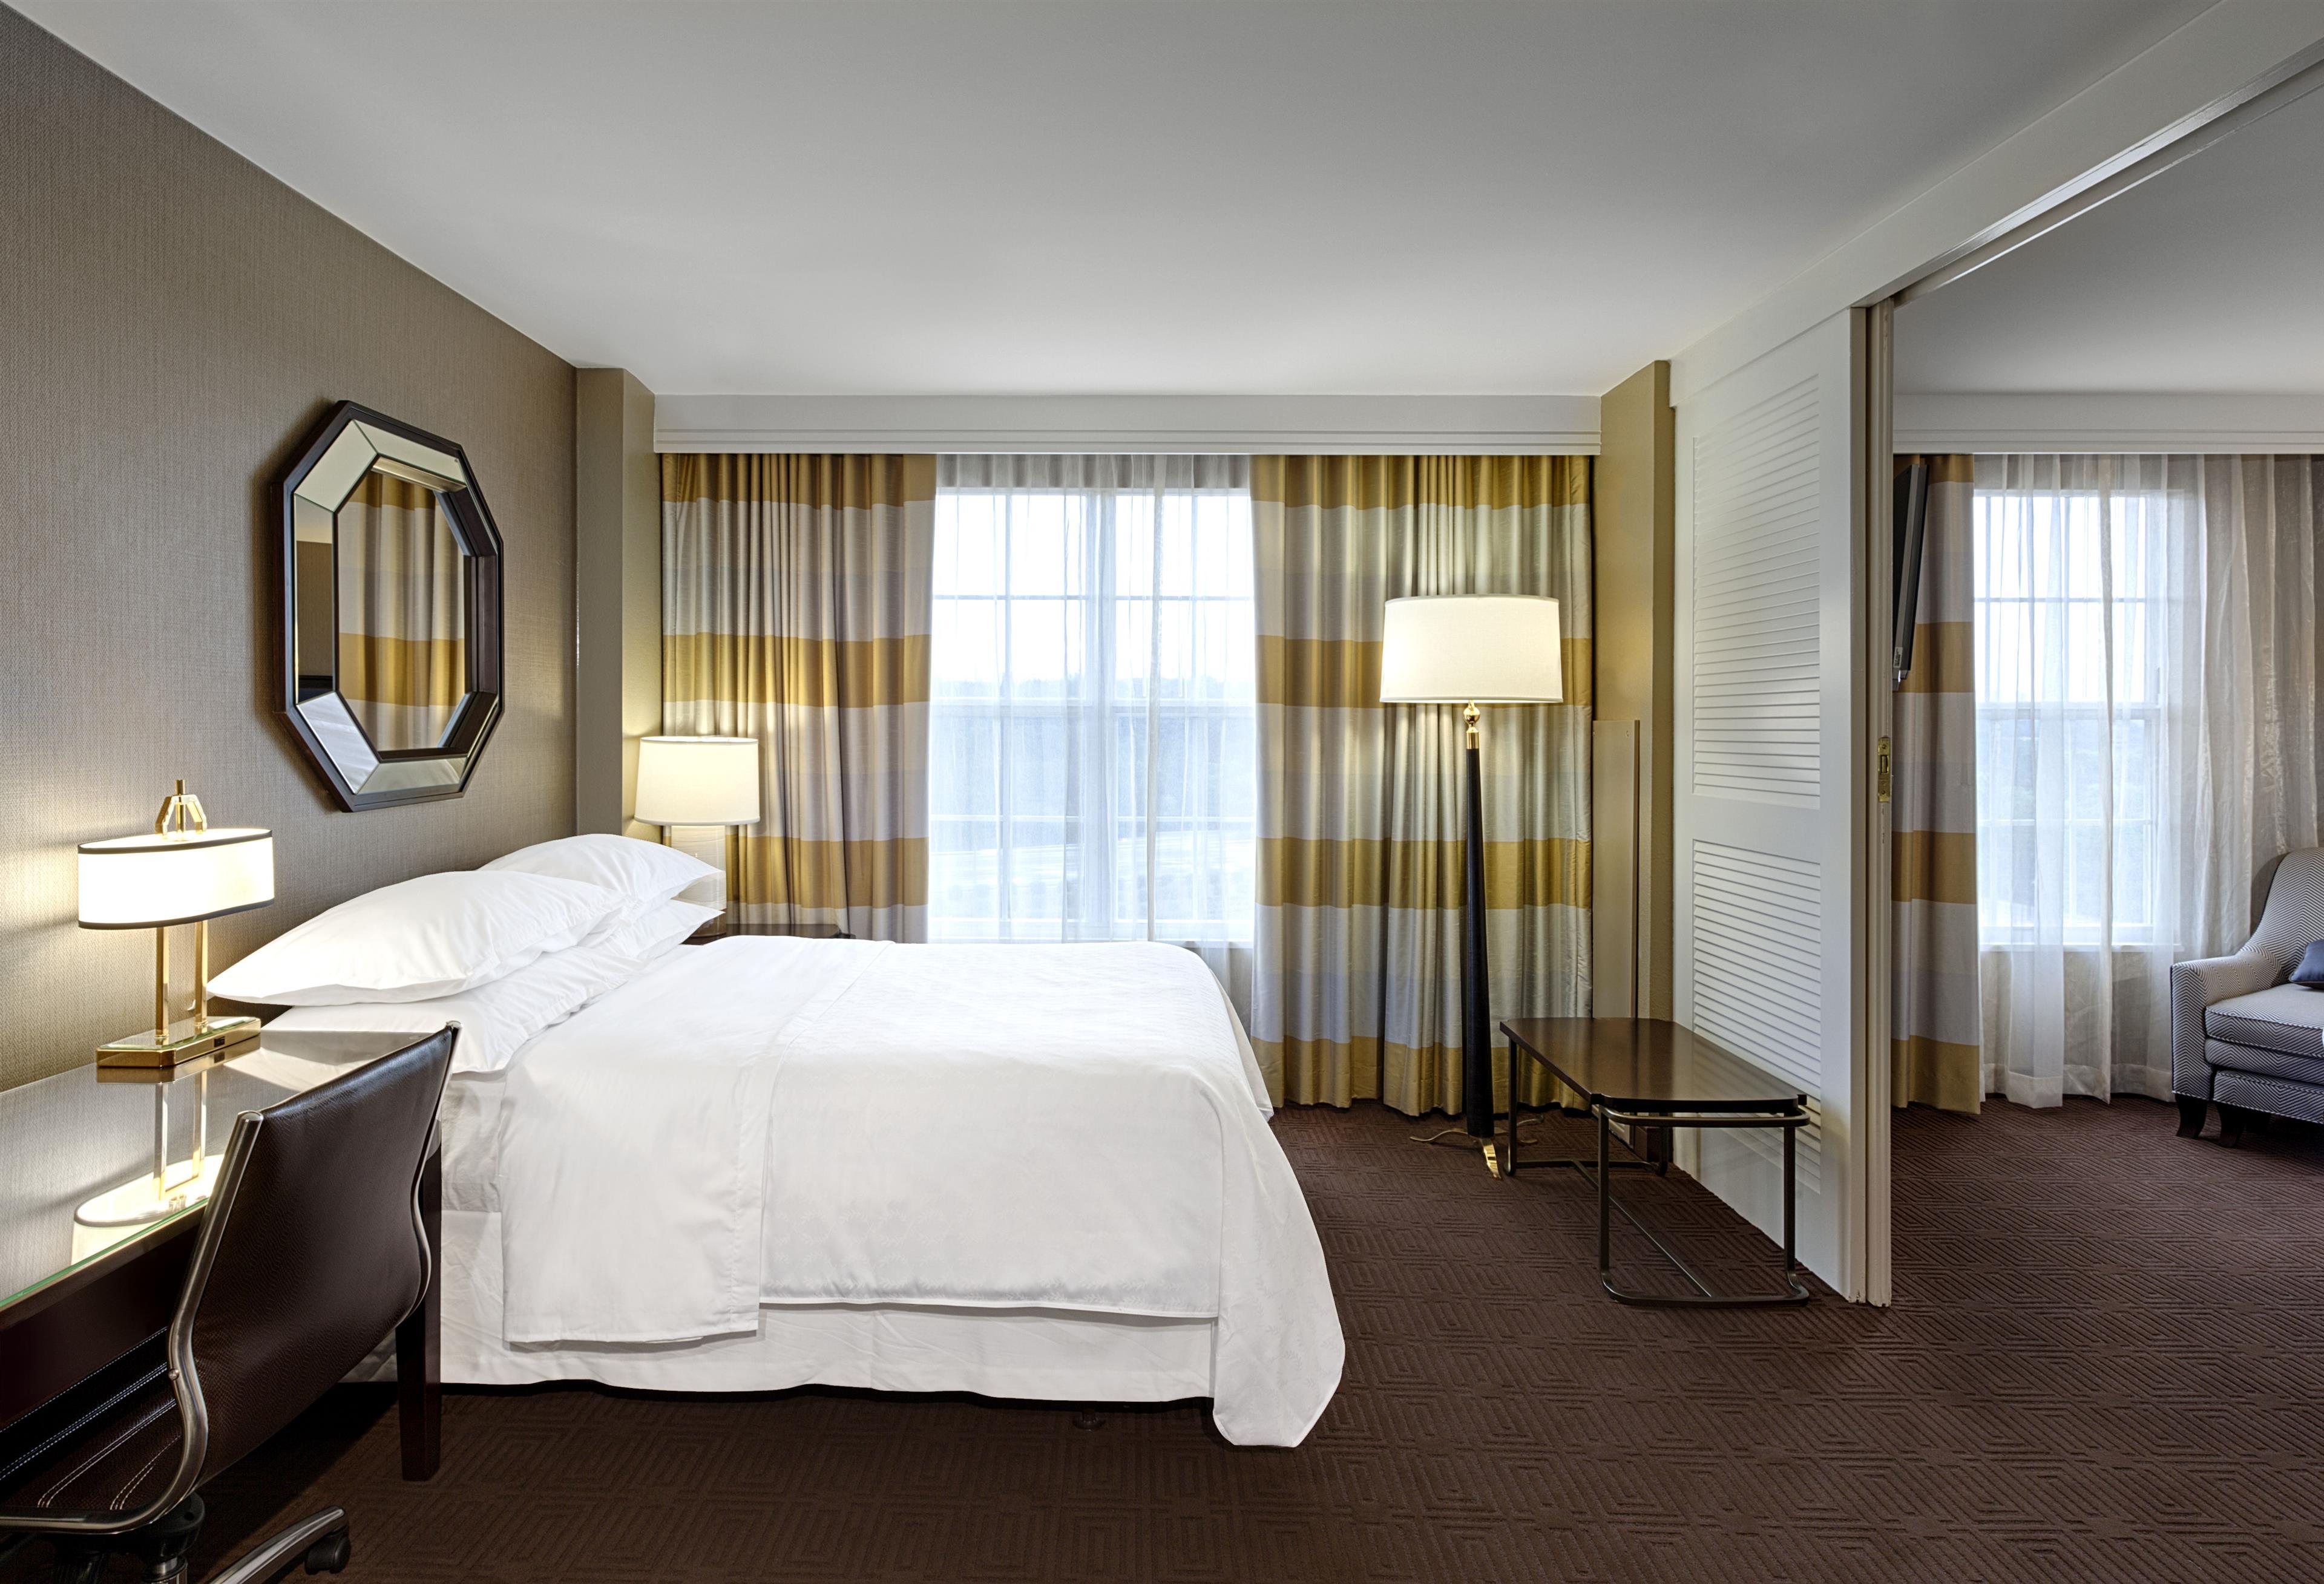 Sheraton Suites Galleria-Atlanta image 2